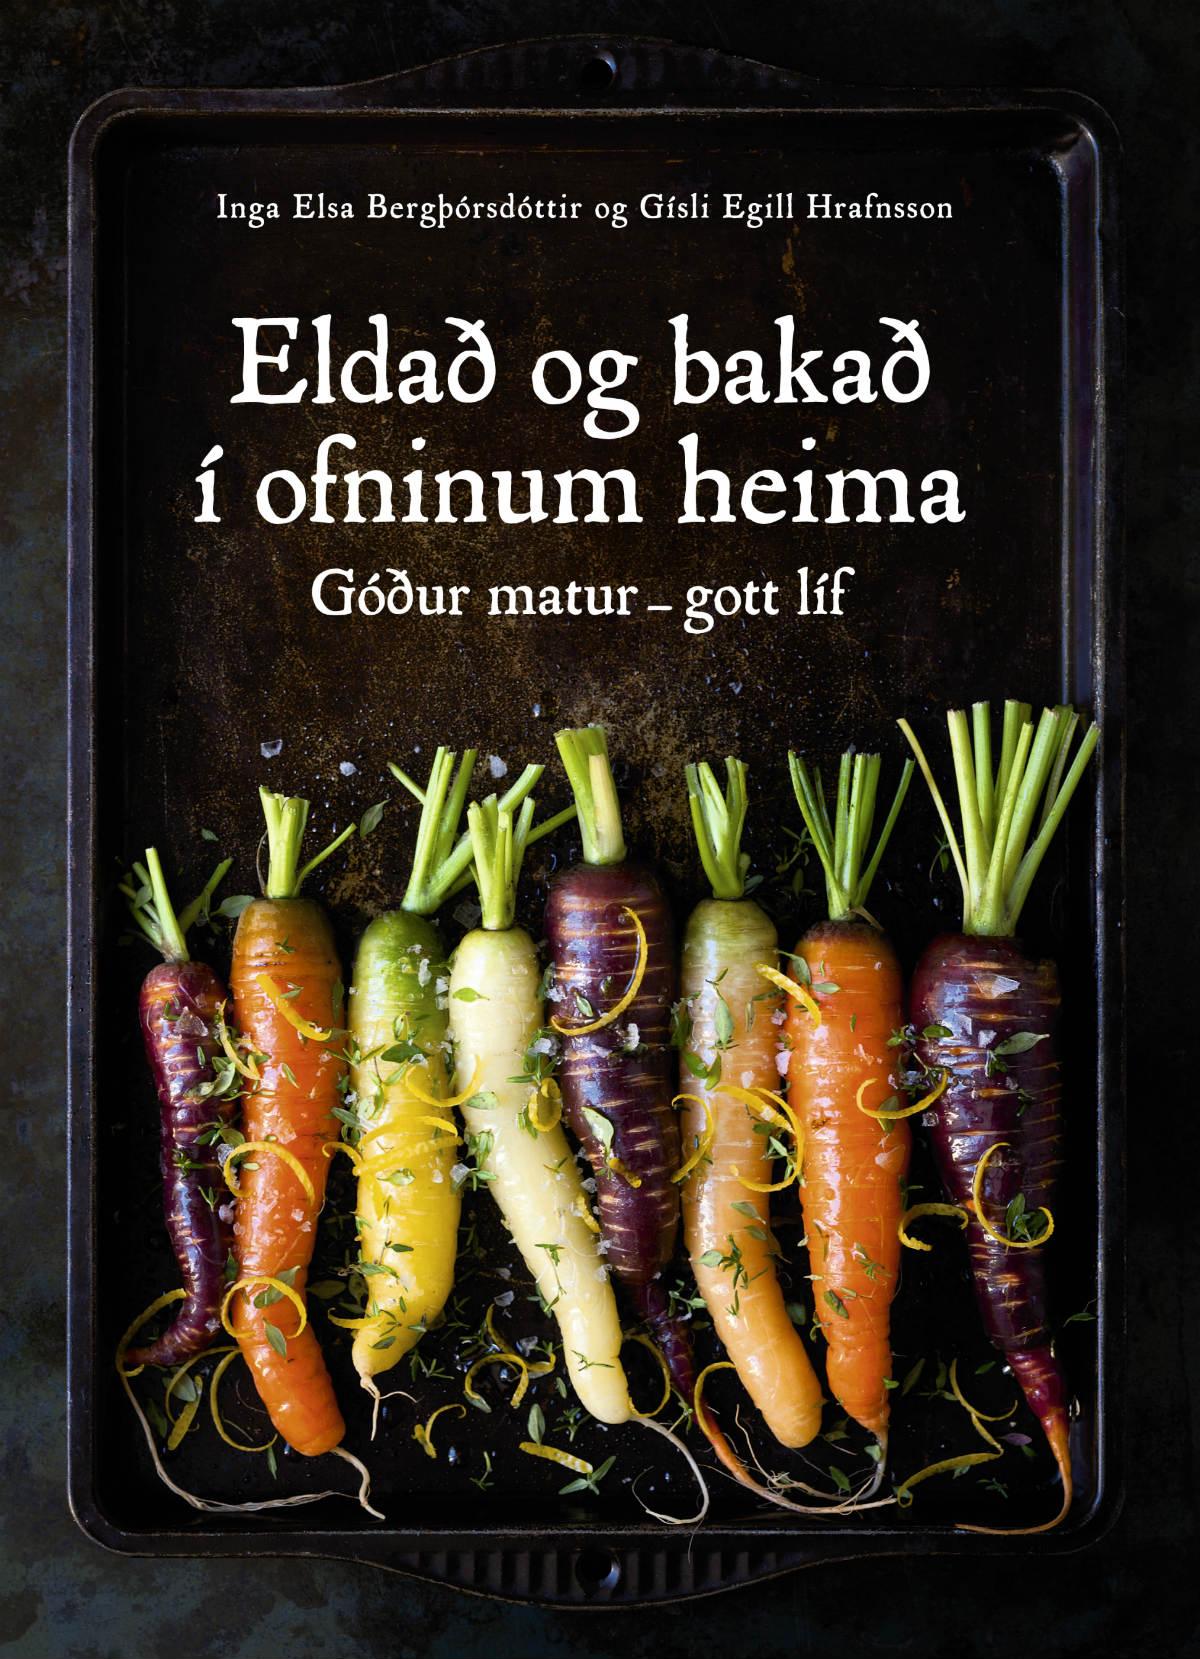 Súkkulaði – það besta frá Nóa